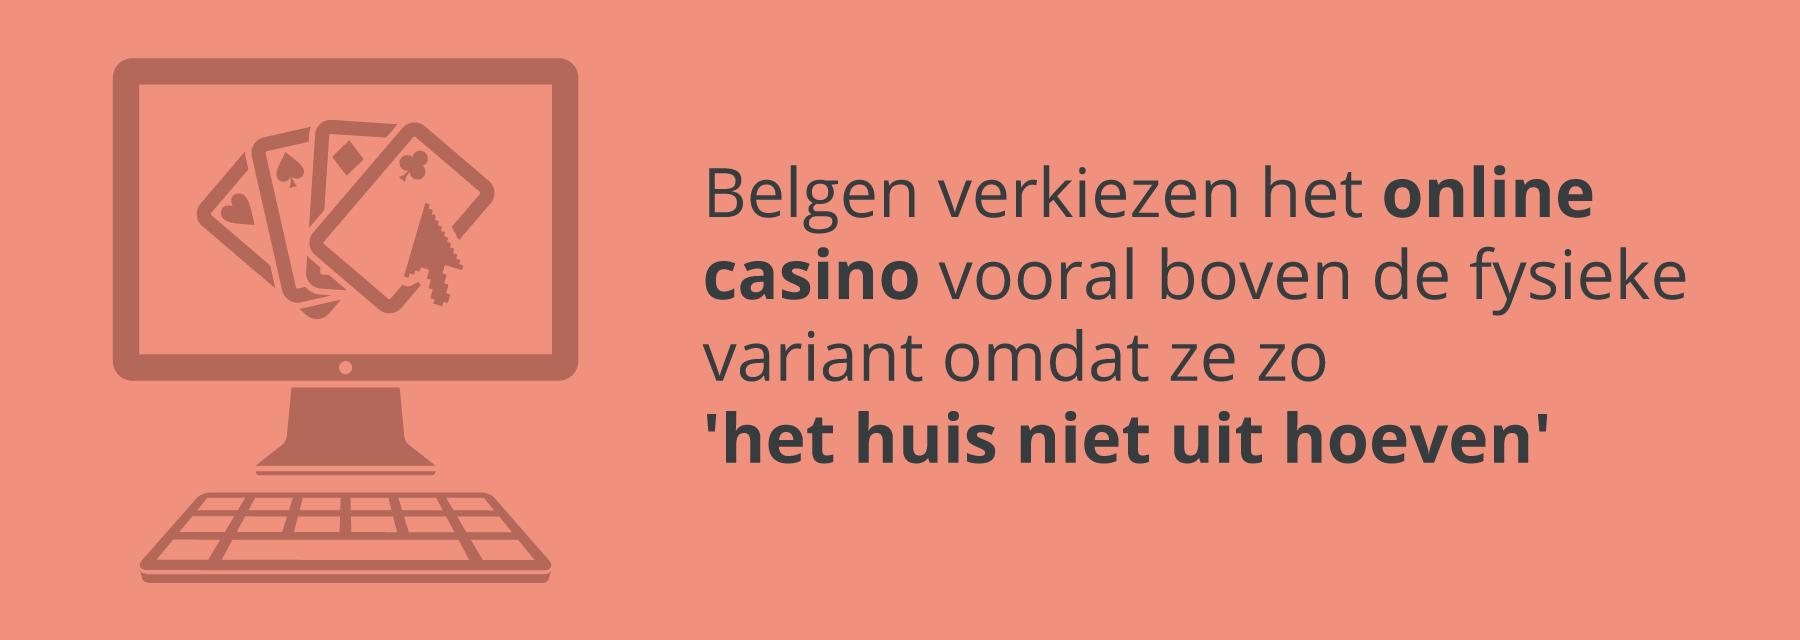 Waarom Belgen een online casino verkiezen boven een fysiek casino